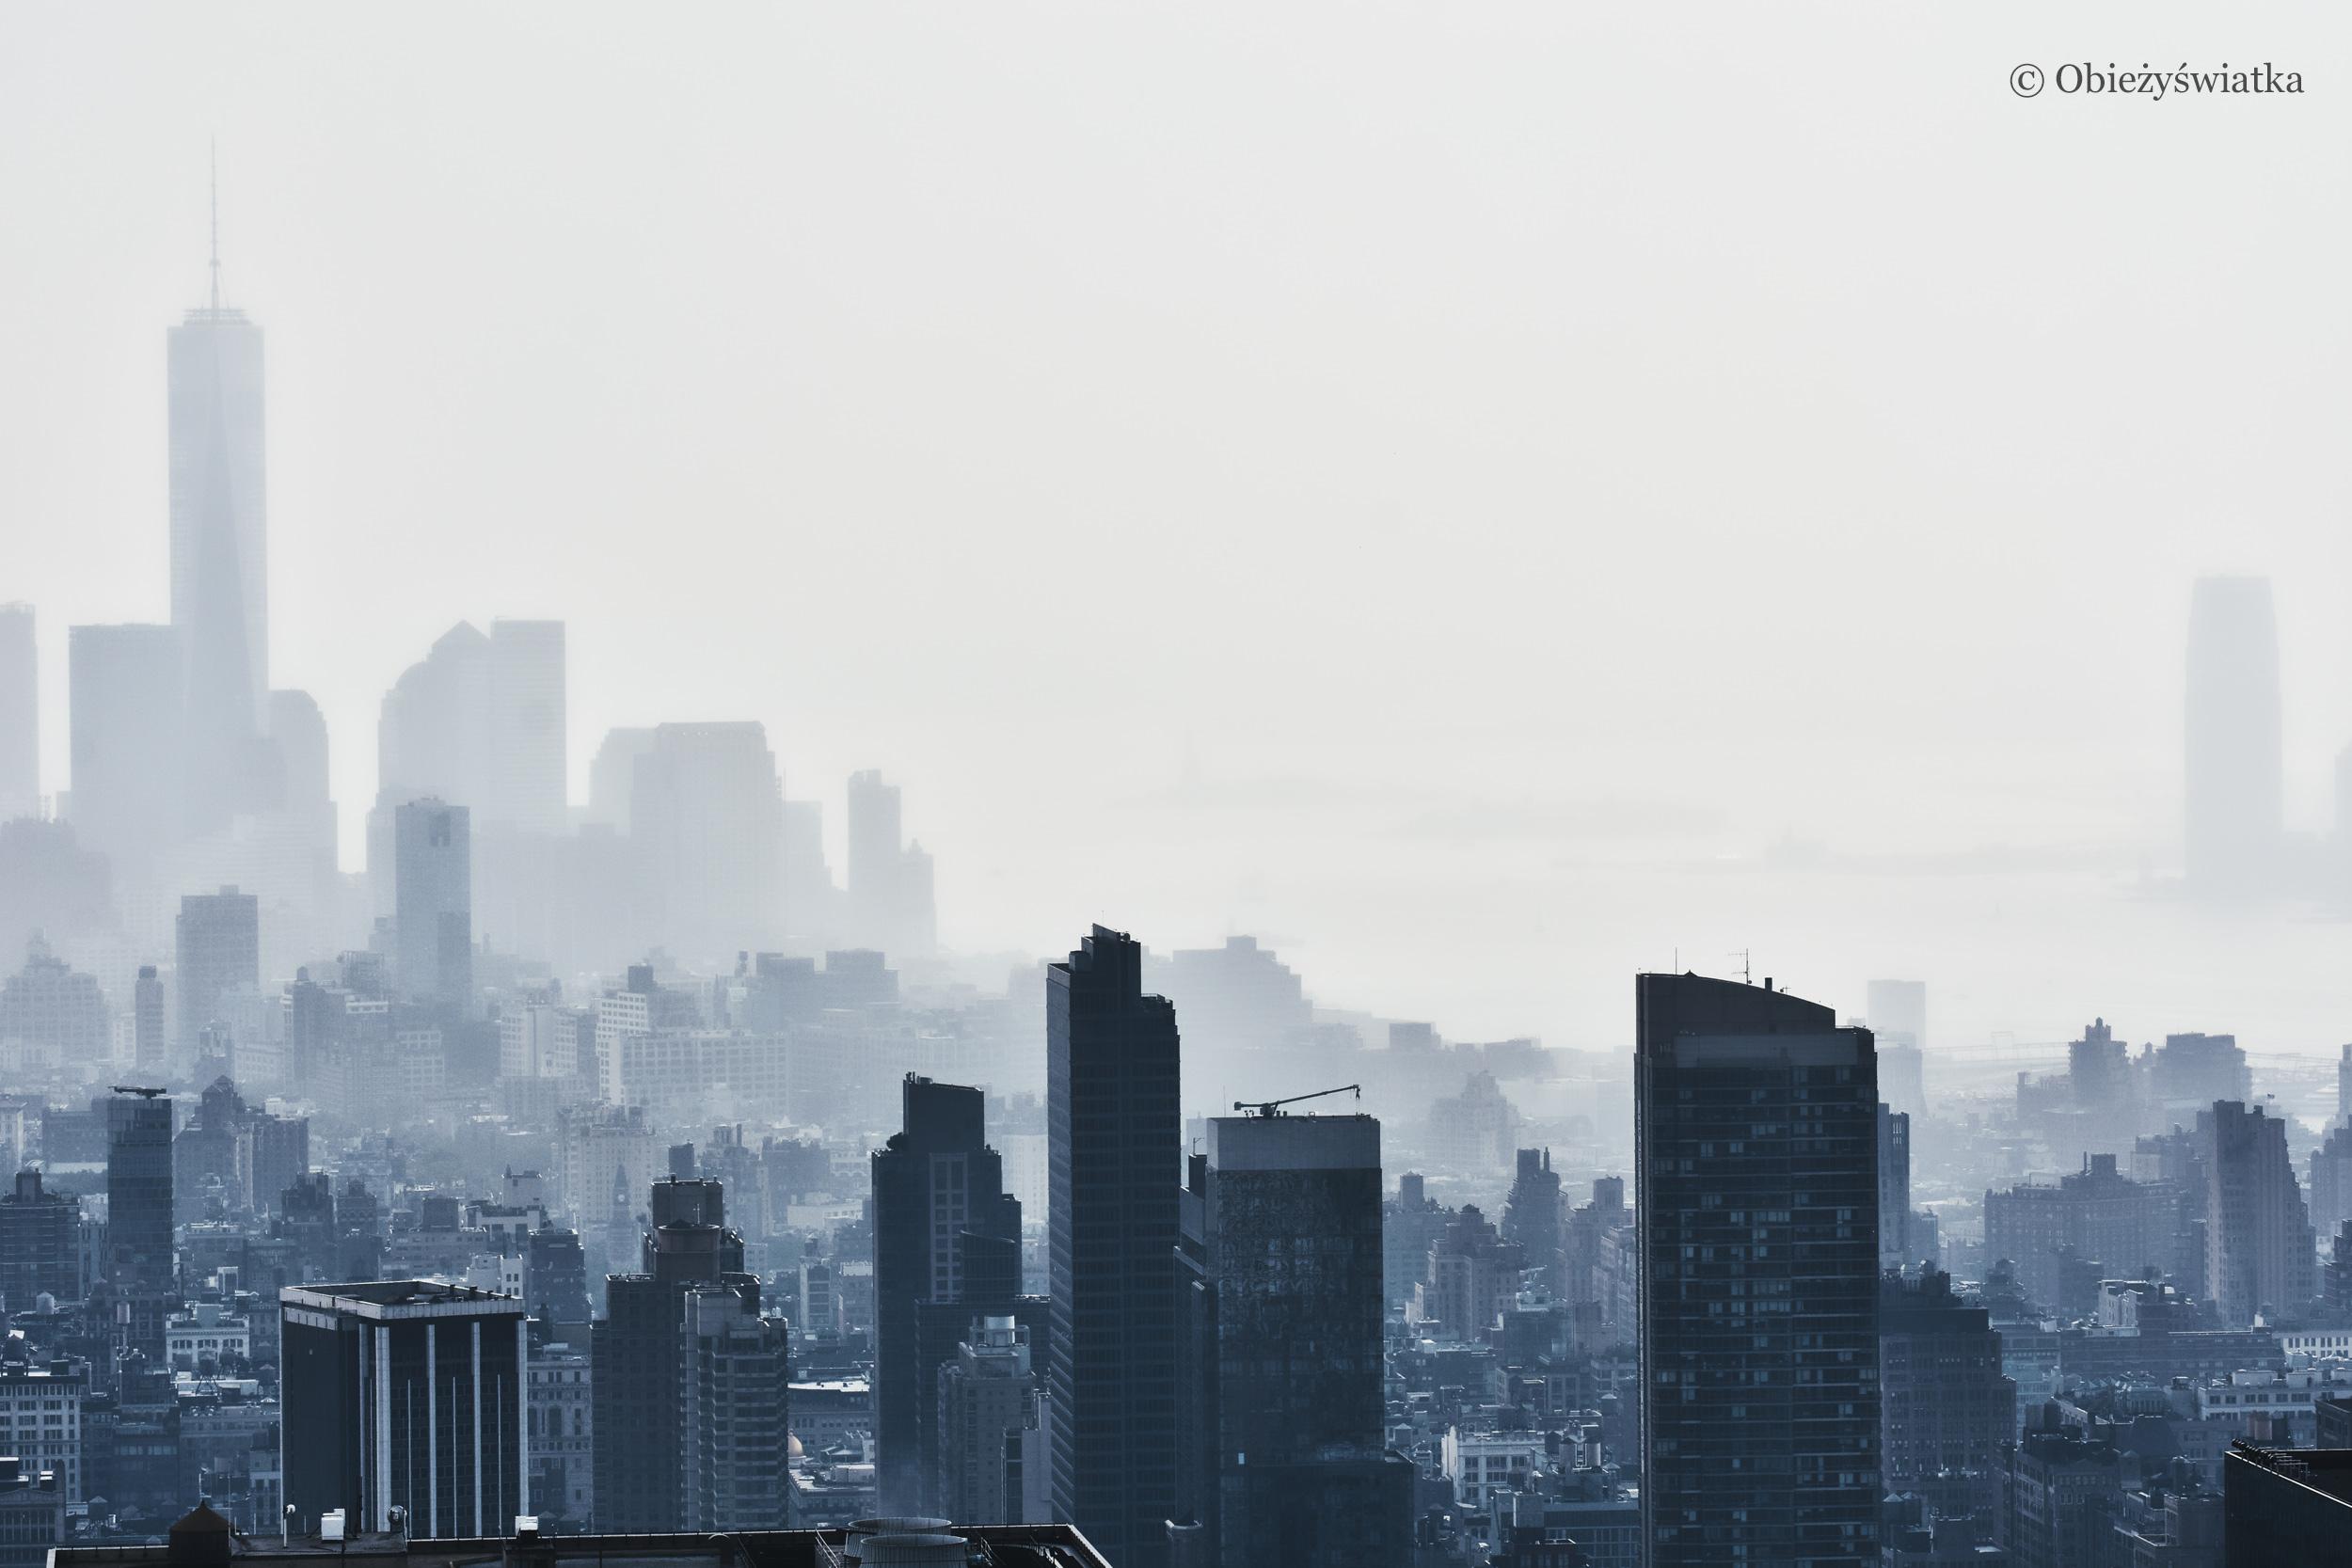 Miasto we mgle - Nowy Jork